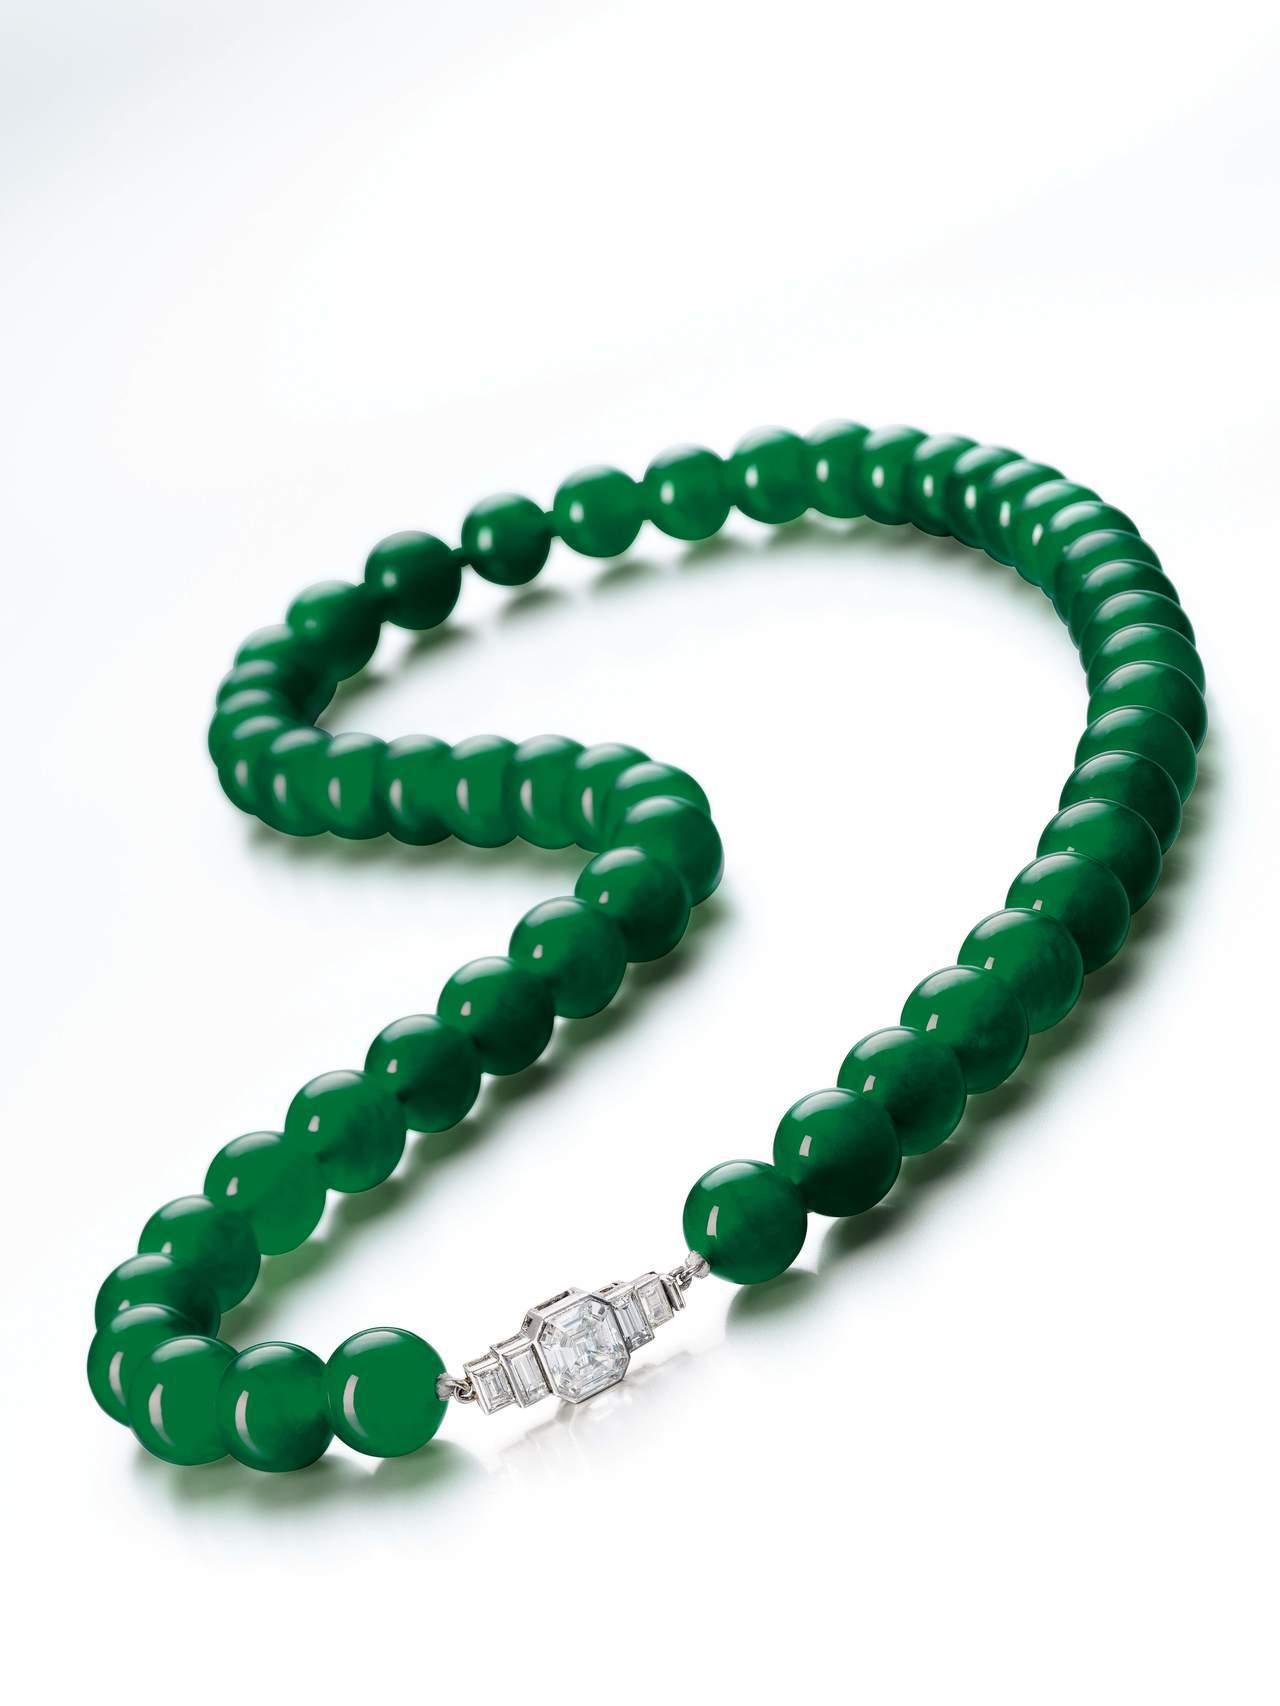 天然翡翠珠配鑽石項鏈,尚美鑽石扣,估價約1.49億元起。圖/蘇富比提供